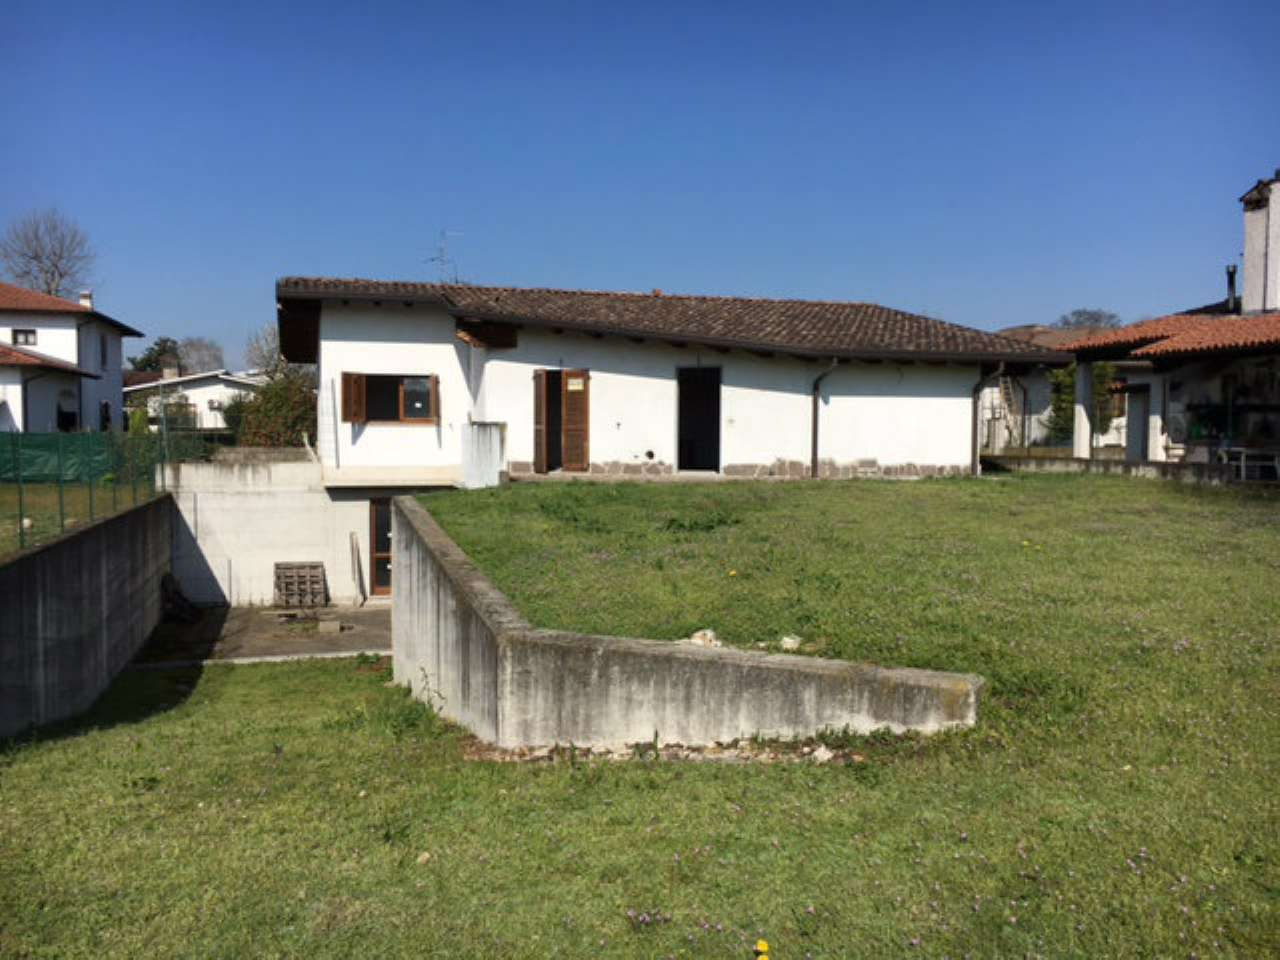 Soluzione Indipendente in vendita a Trivolzio, 4 locali, prezzo € 240.000 | CambioCasa.it